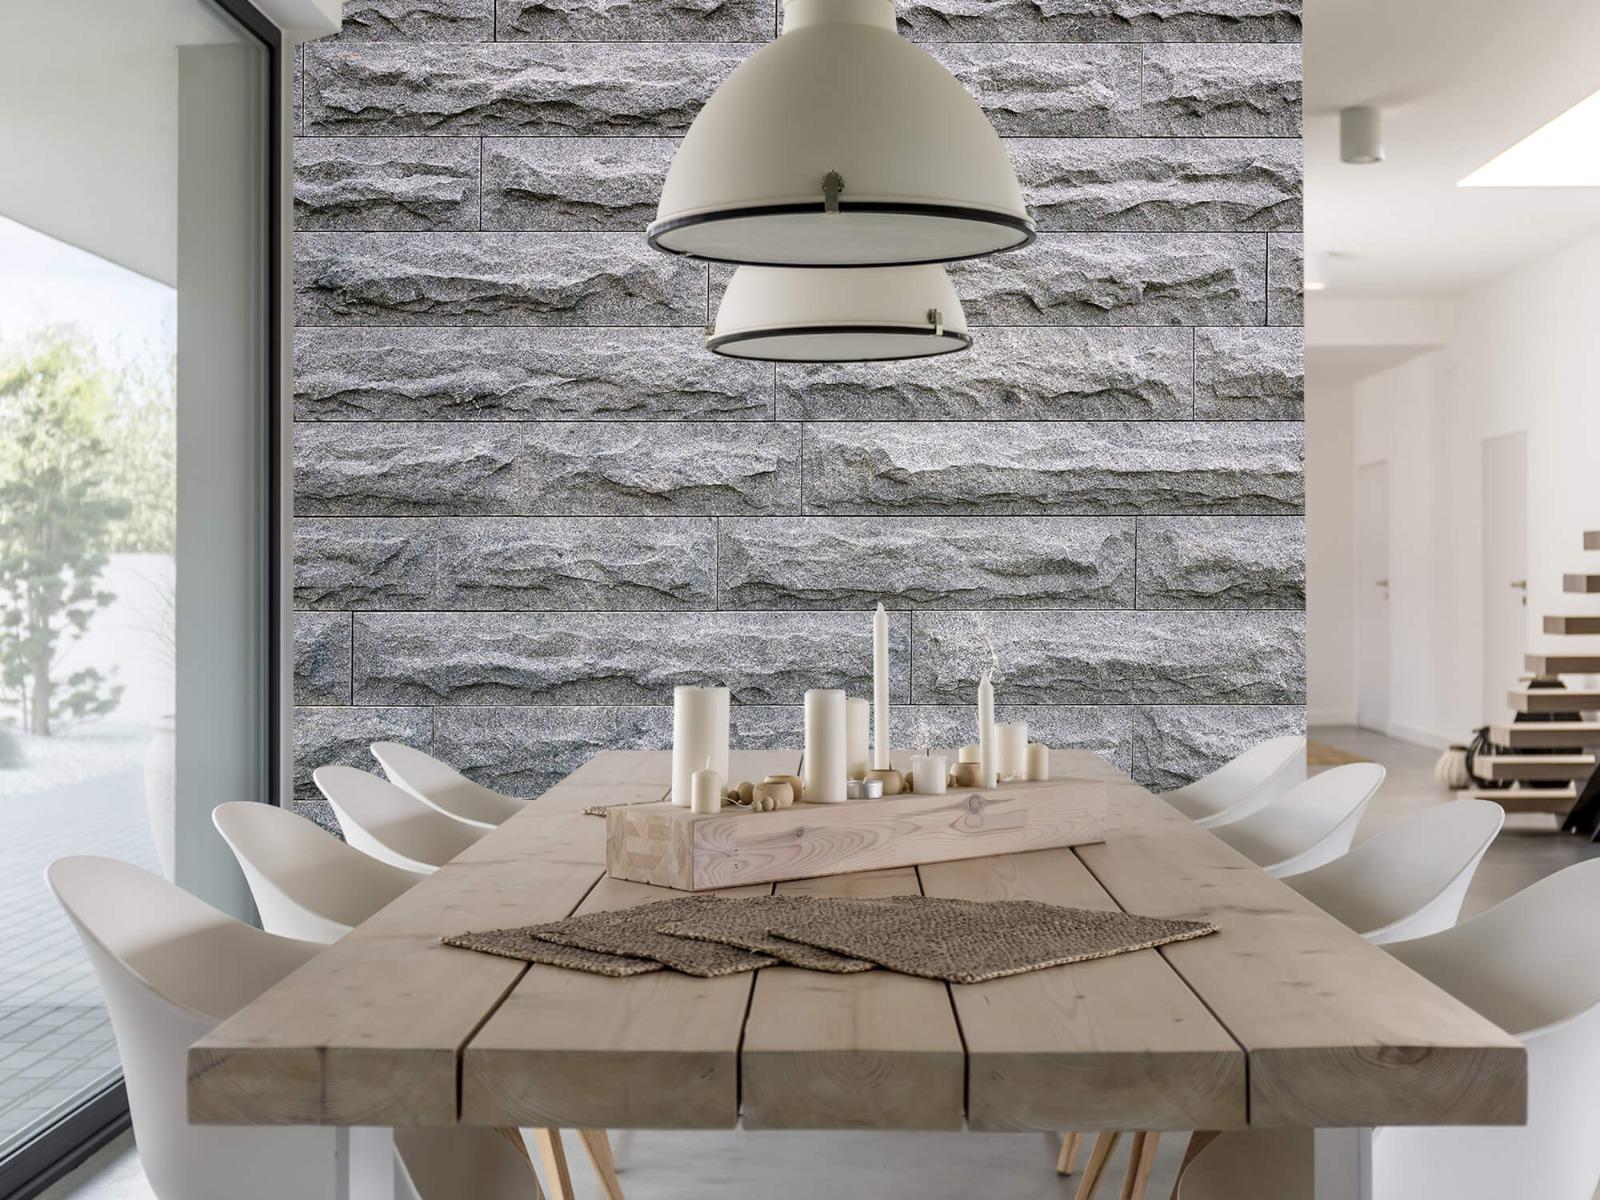 Steen behang - Grote grijze stenen - Slaapkamer 1